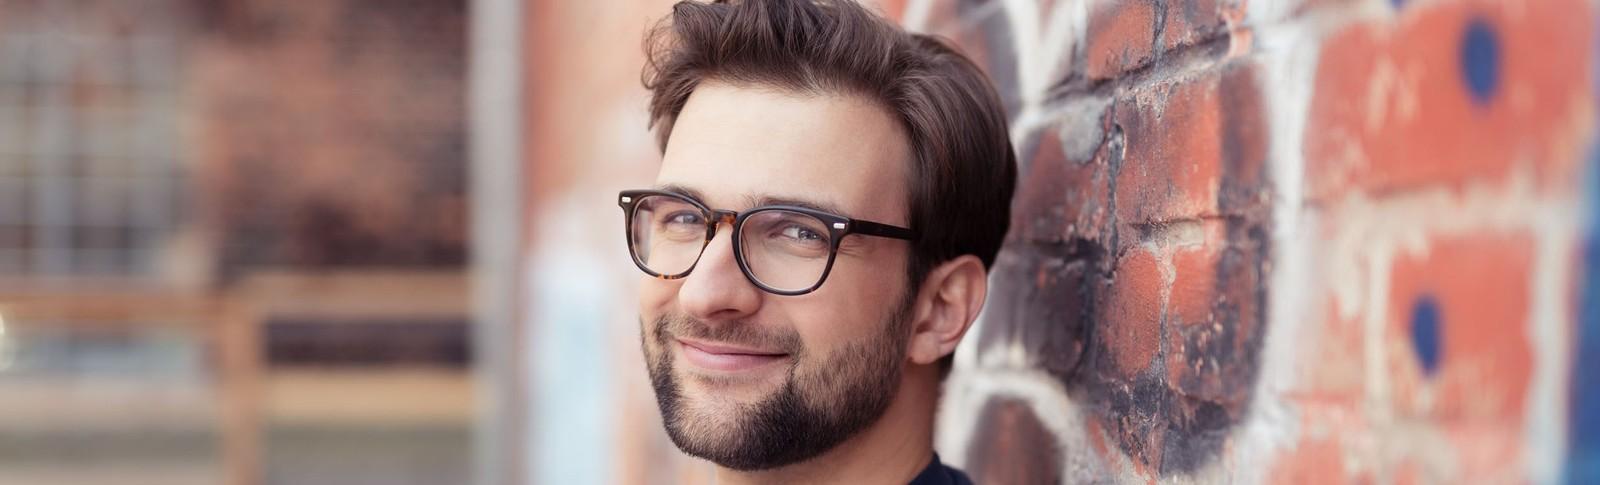 Mann freut sich über seine erfolgreiche Haarimplantation bei den Moser Kliniken